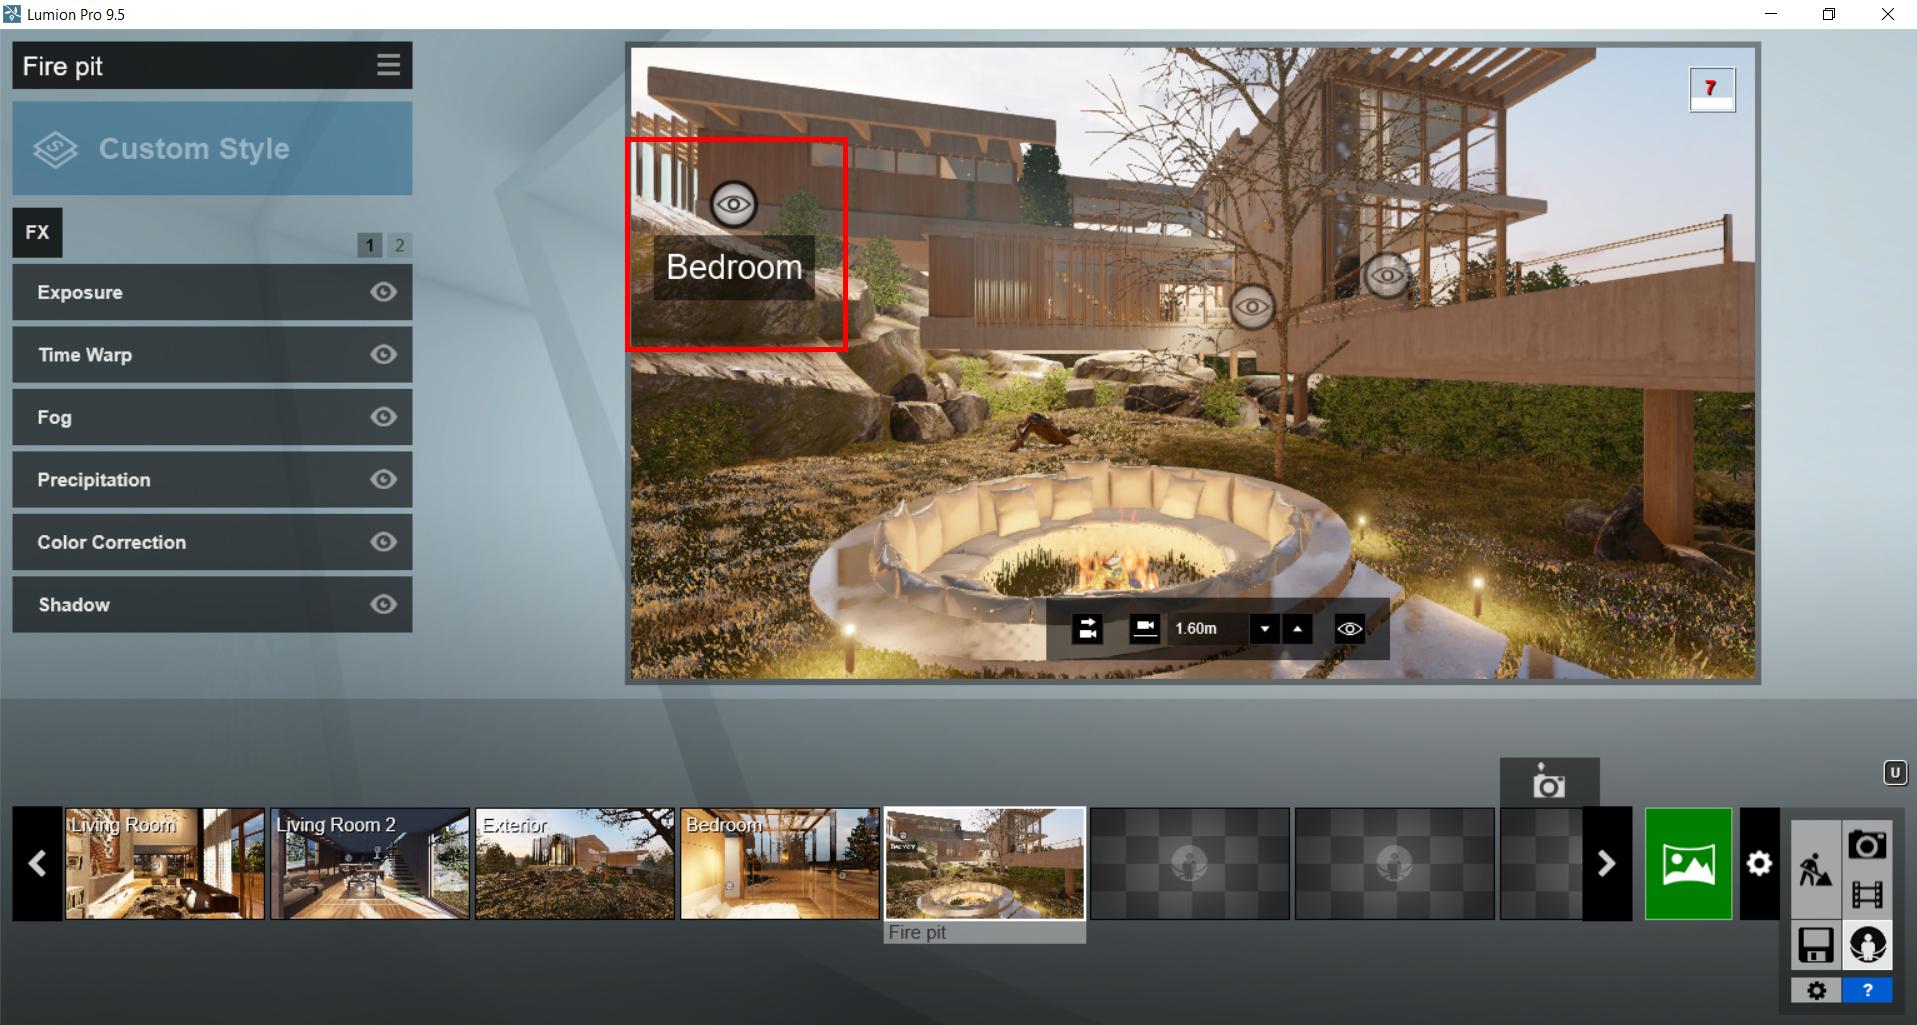 360 Panoramalar ve VR Sunumlarla Tasarımlarınızda Yolculuğa Çıkın 11